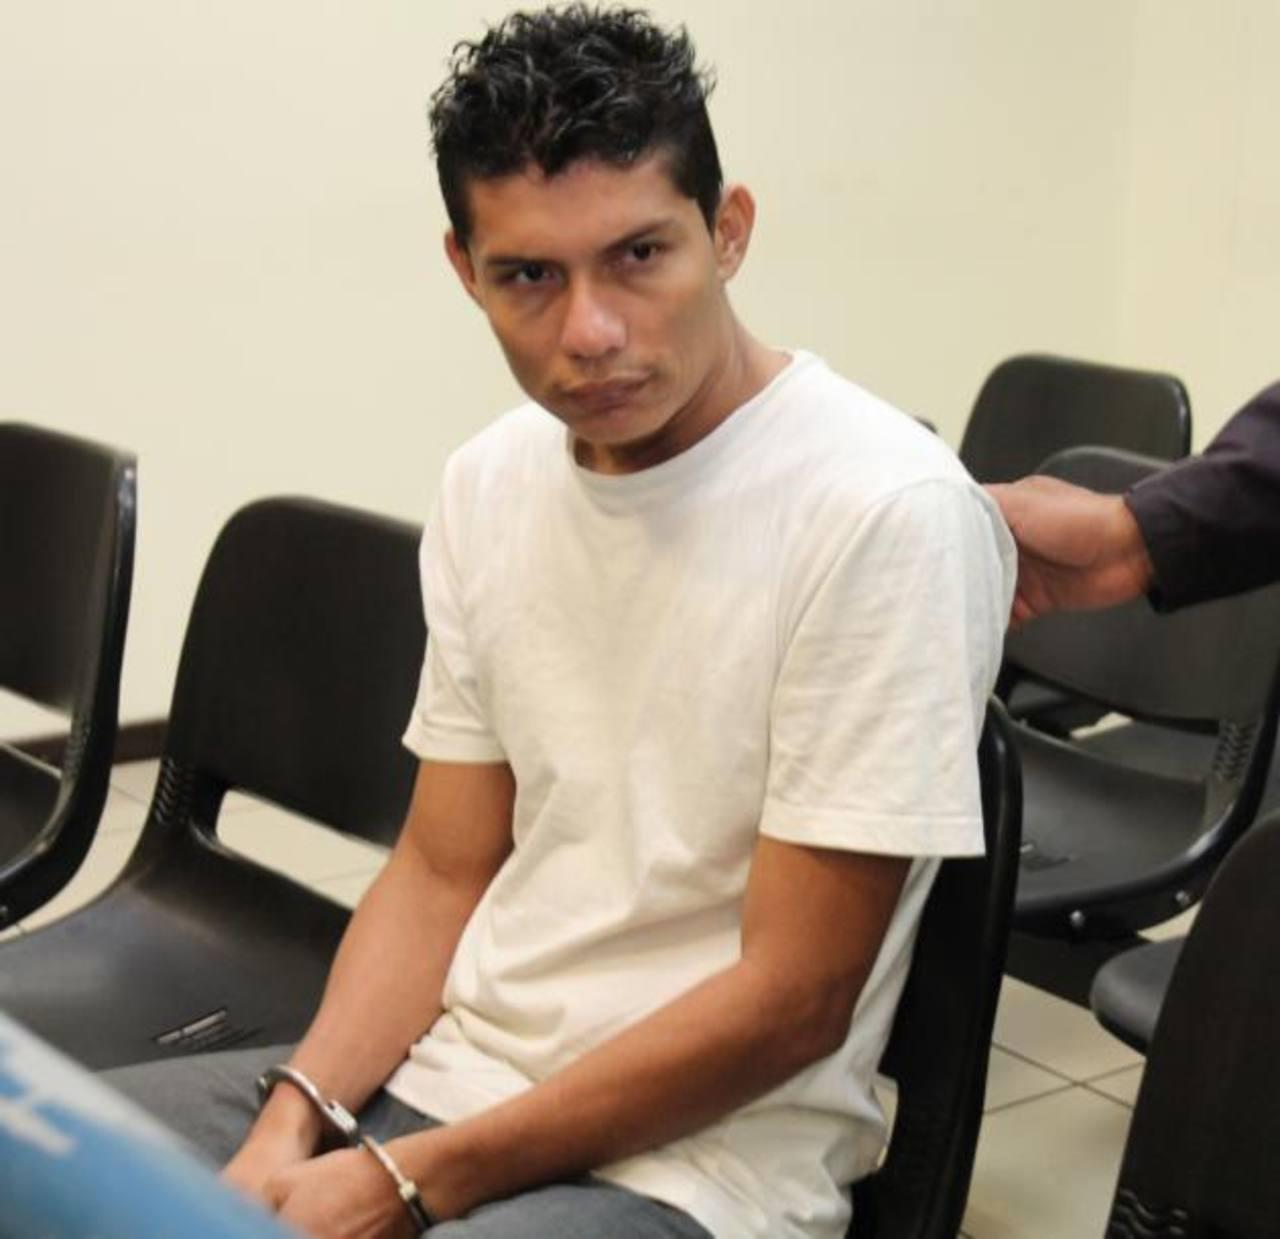 Mycol Antonio Cabrera Donado, de 28 años, fue sentenciado a 40 años de cárcel por matar a su pareja. Foto EDH / Cortesía Juzgados.